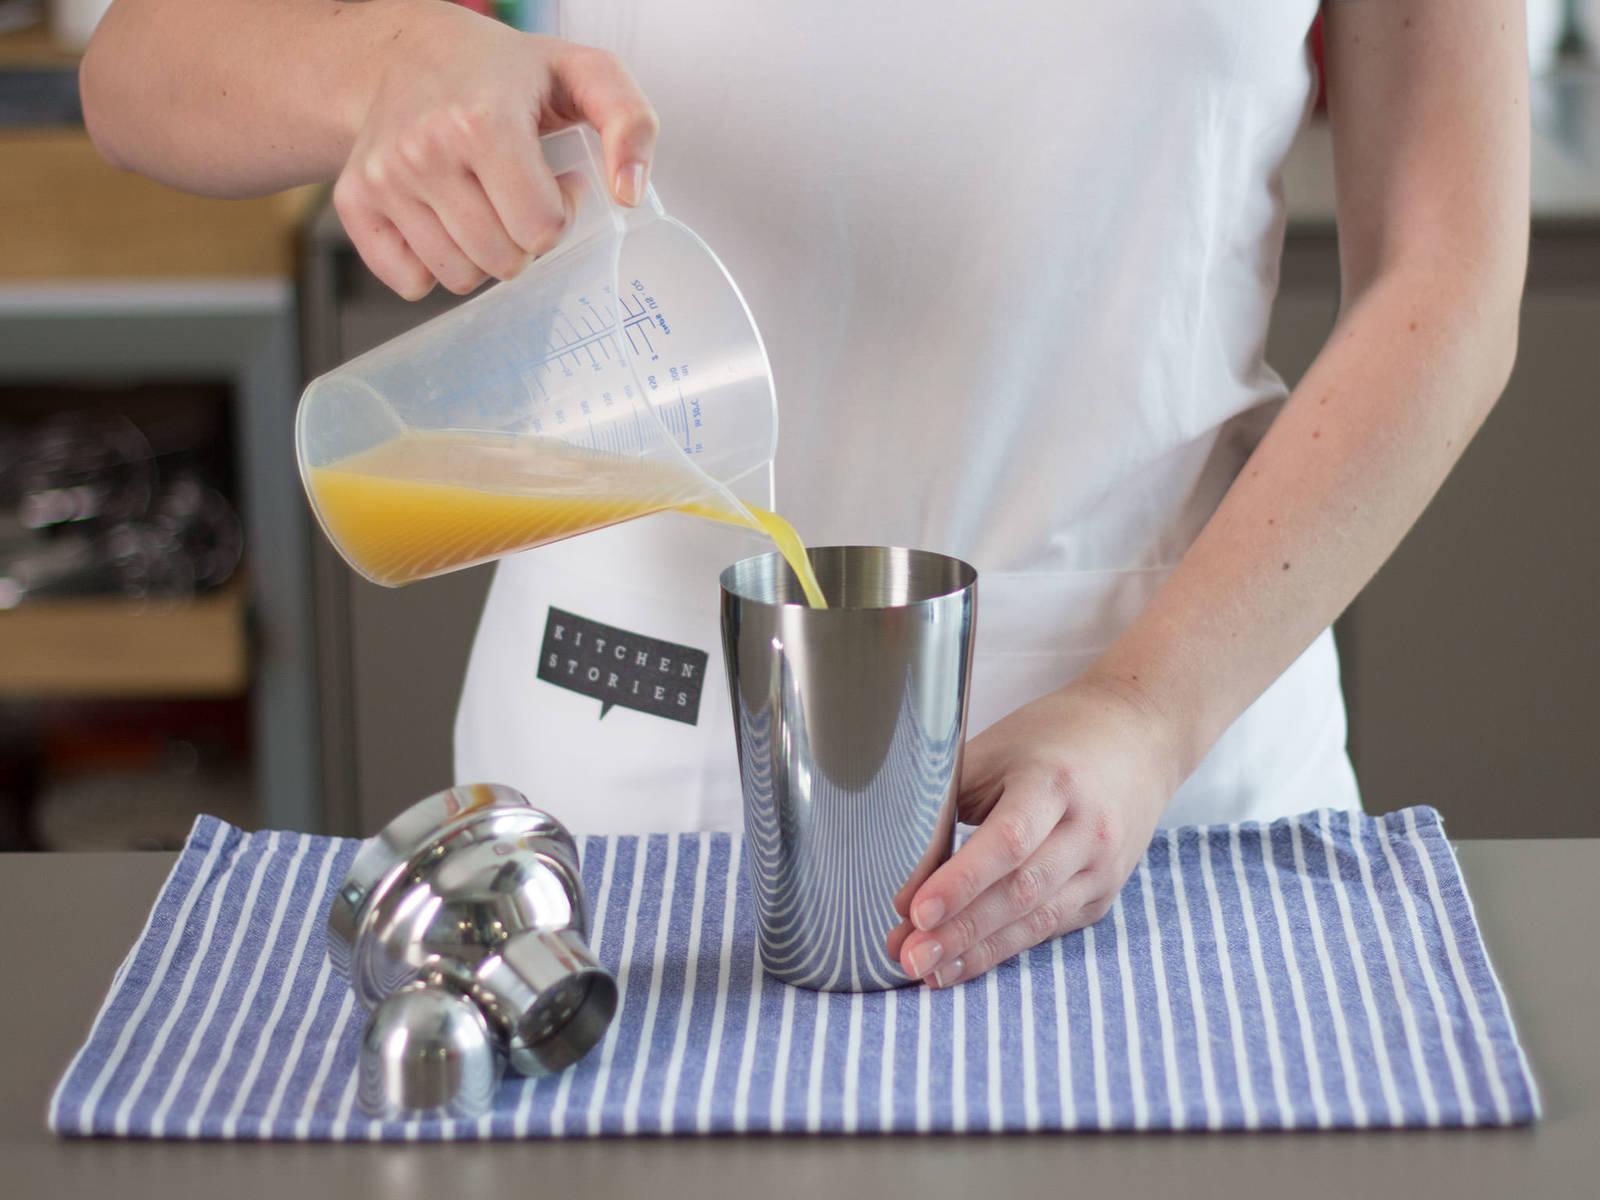 Eiswürfel in Cocktail-Shaker geben. Ananassaft, Kokosmilch und Sahne hinzugeben und kräftig schütteln.